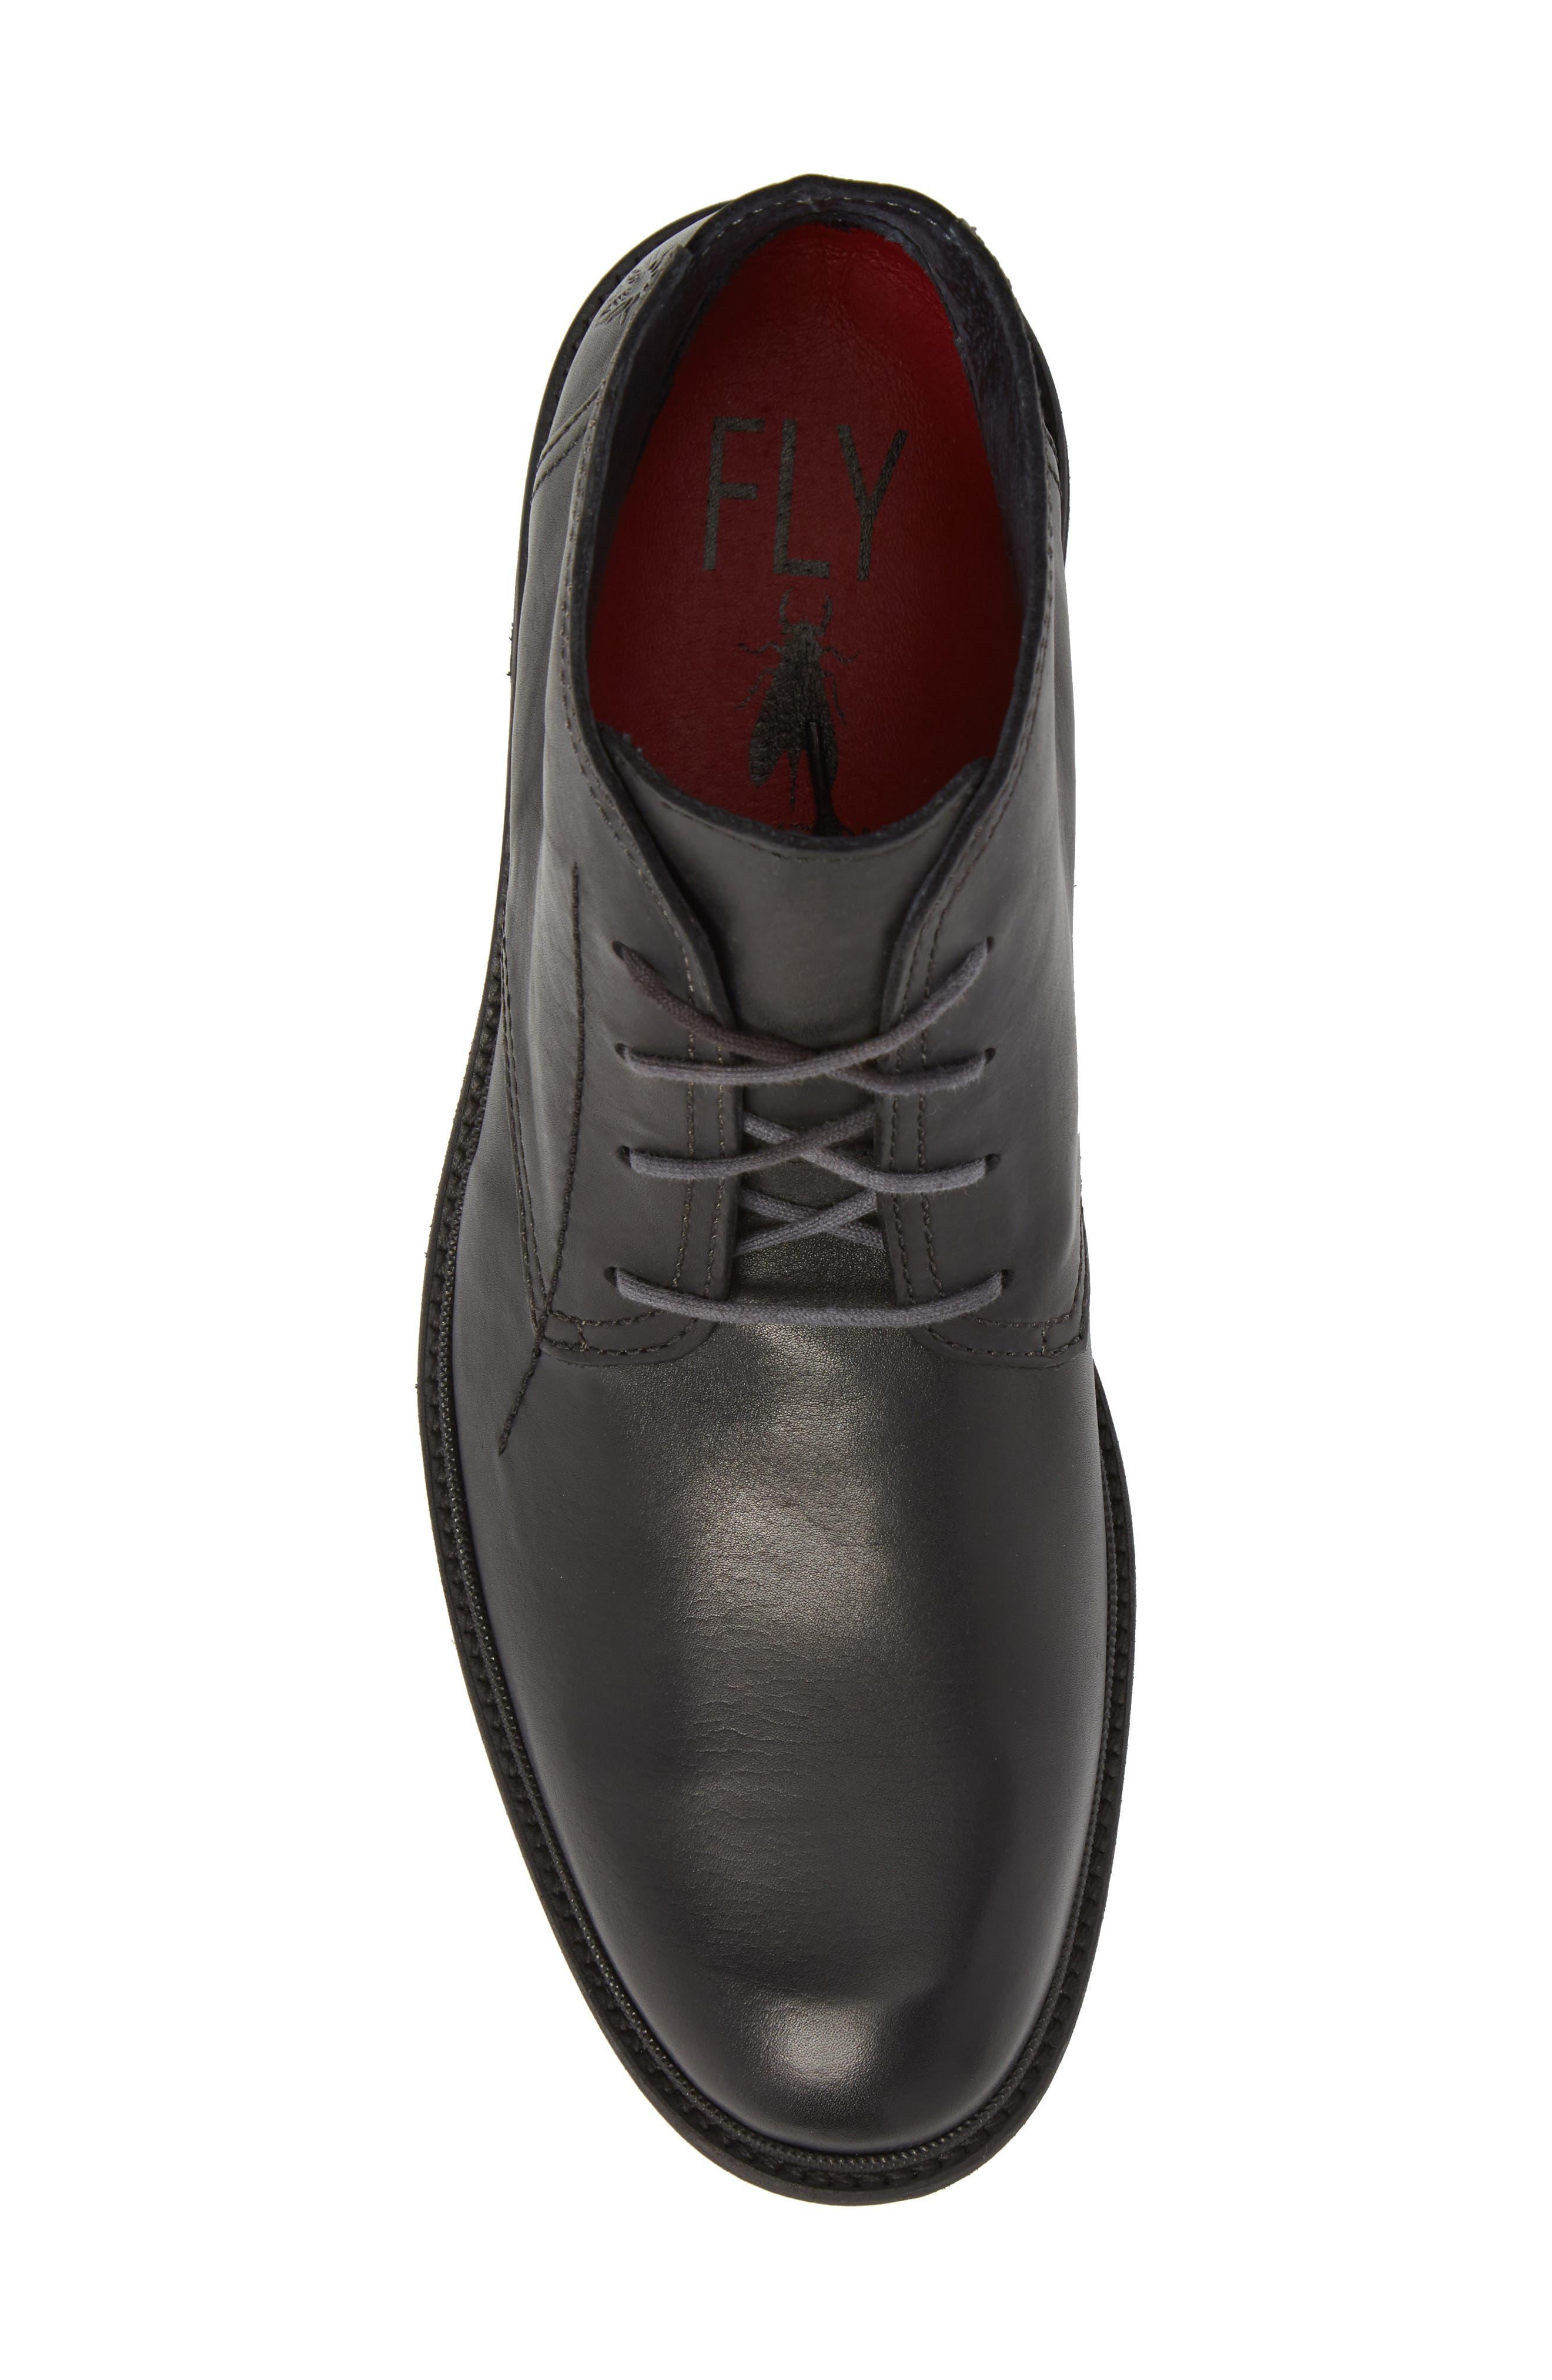 Hobi Plain Toe Chukka Boot,                             Alternate thumbnail 5, color,                             Black Leather